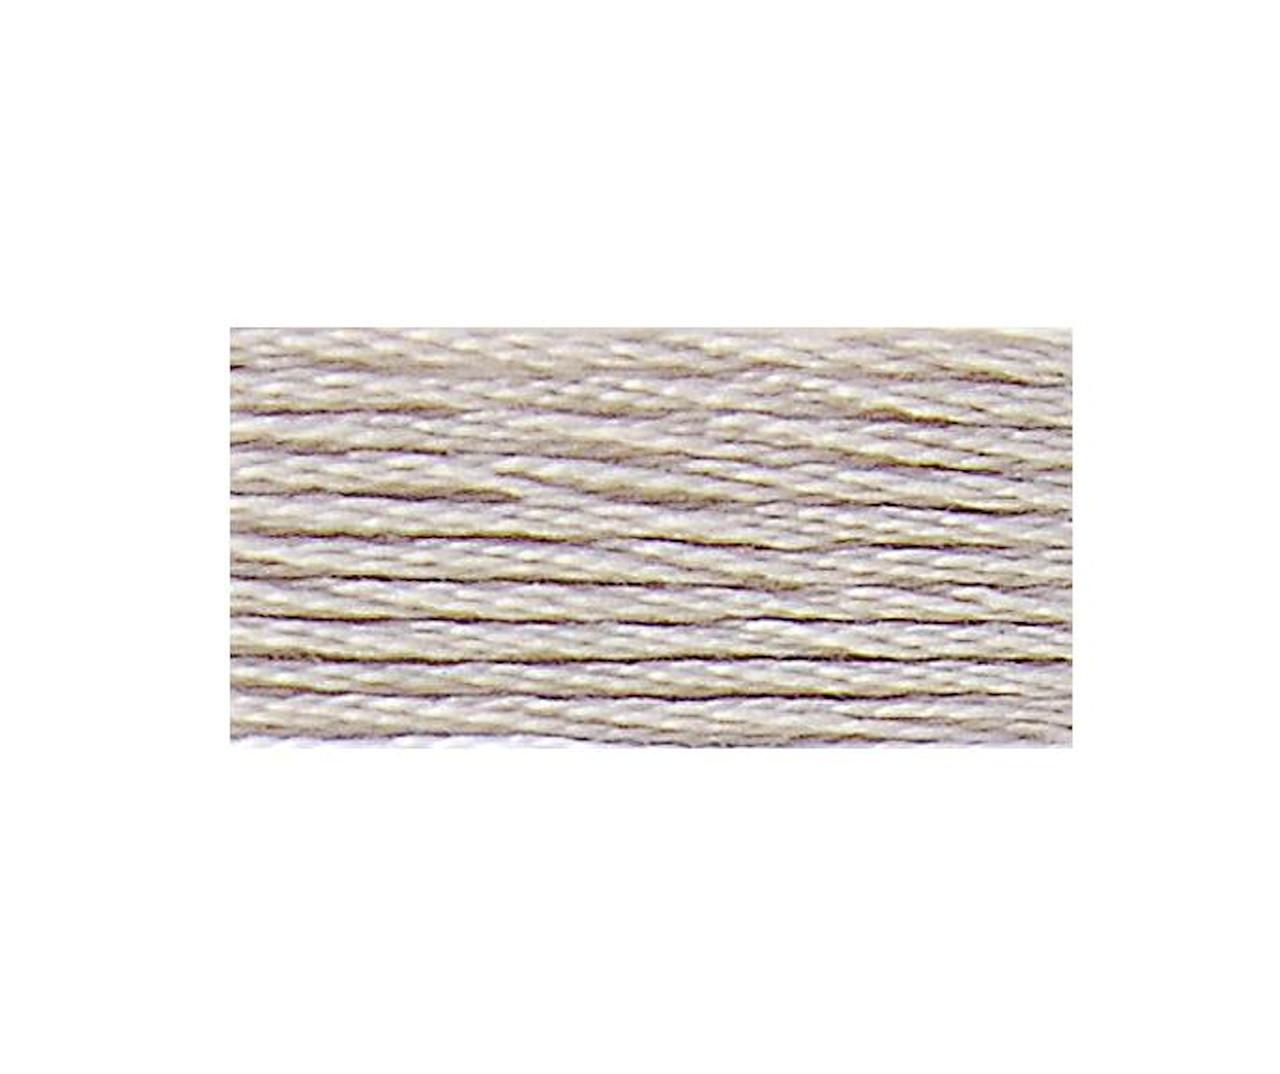 DMC # 05 Light Driftwood Floss / Thread